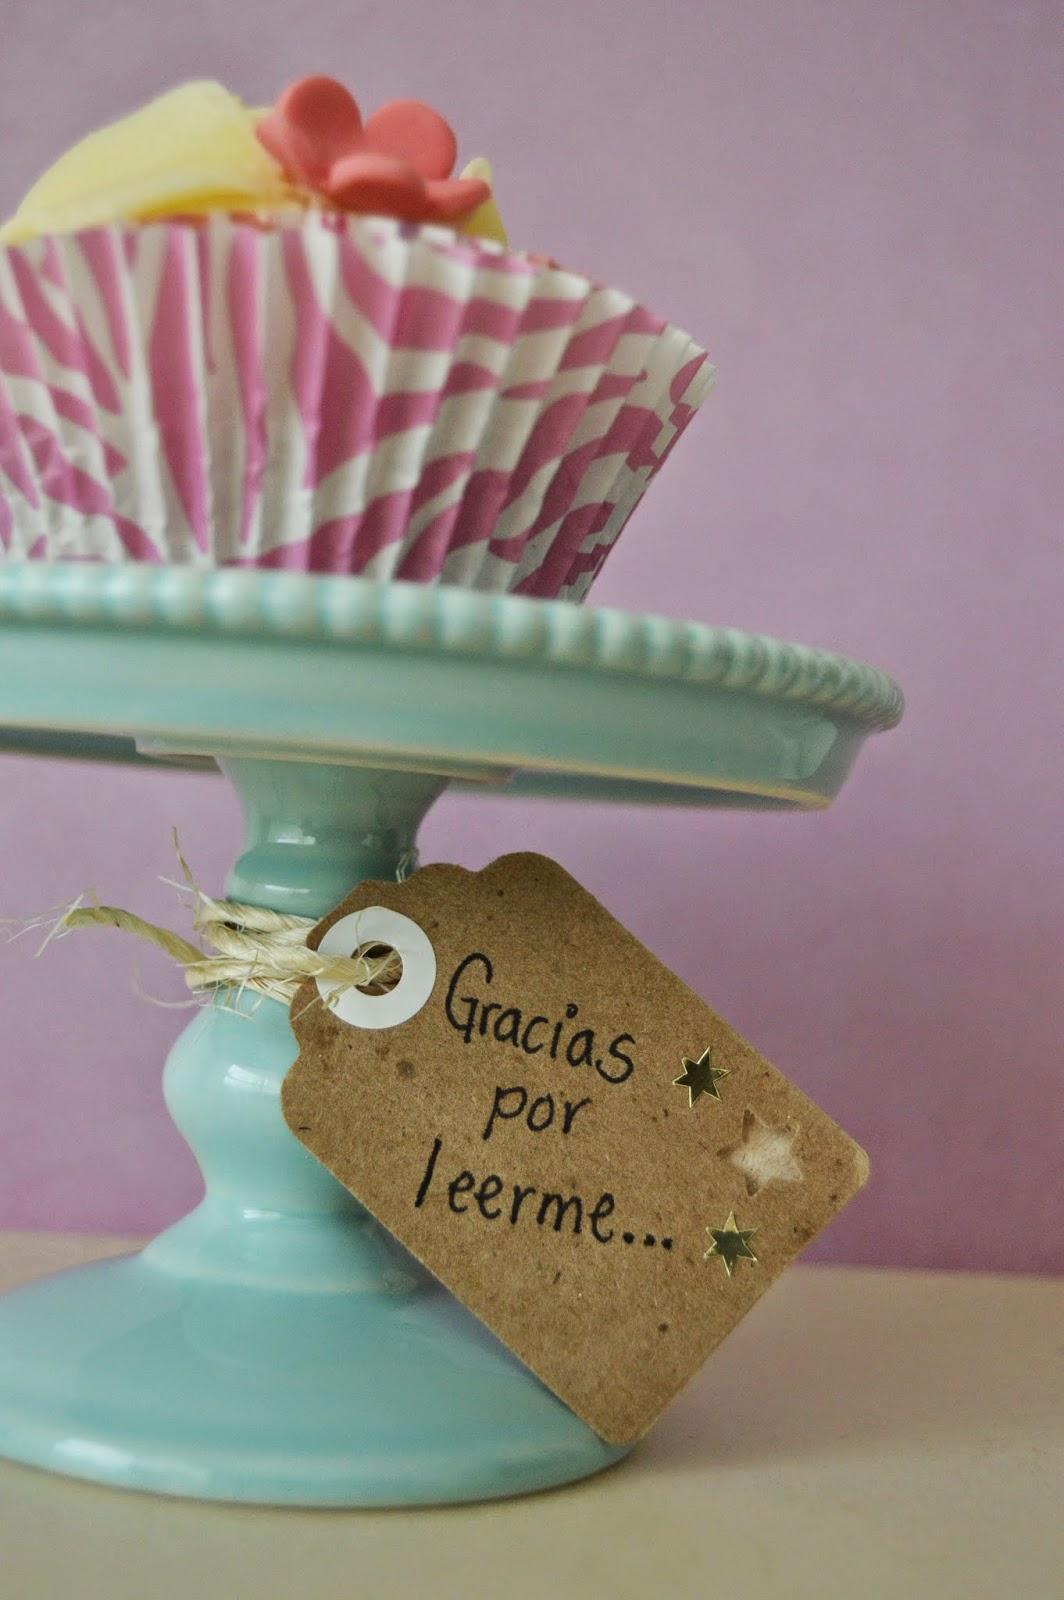 cupcakes-mexico-platano-nutella-amor-df